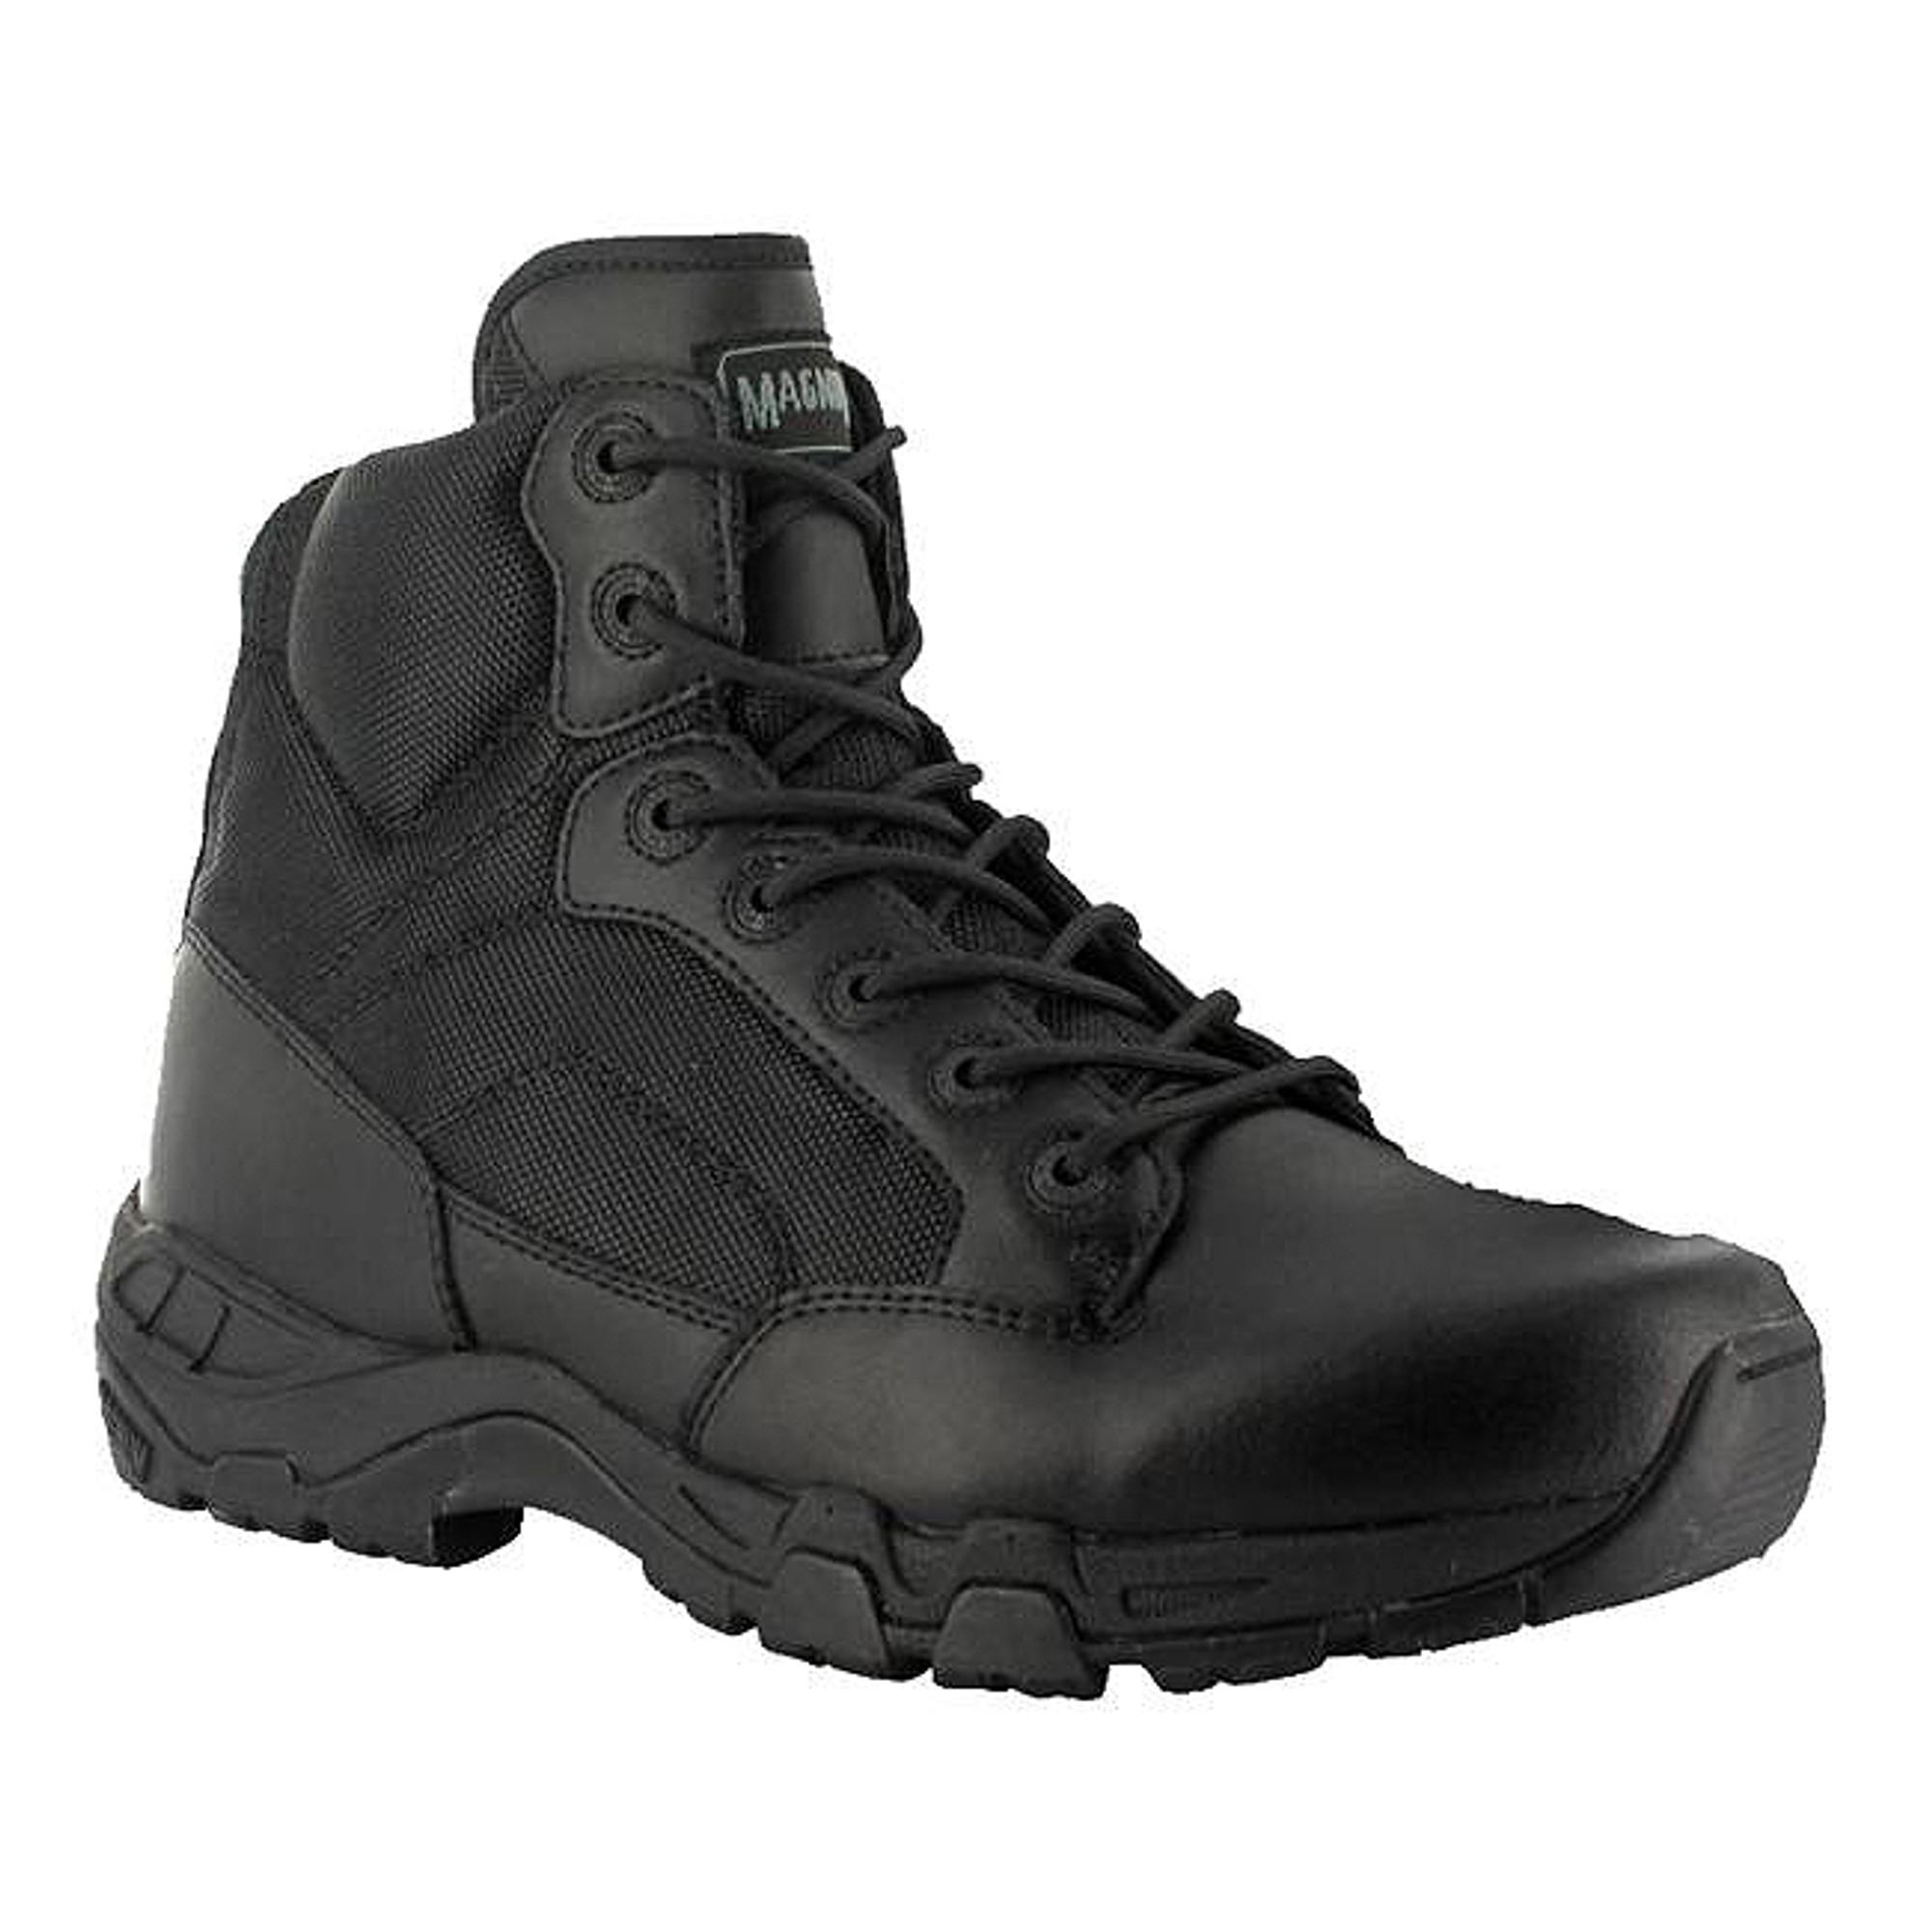 Magnum Mens Viper Pro 5.0 Side Zip Black Tactical Military Boots